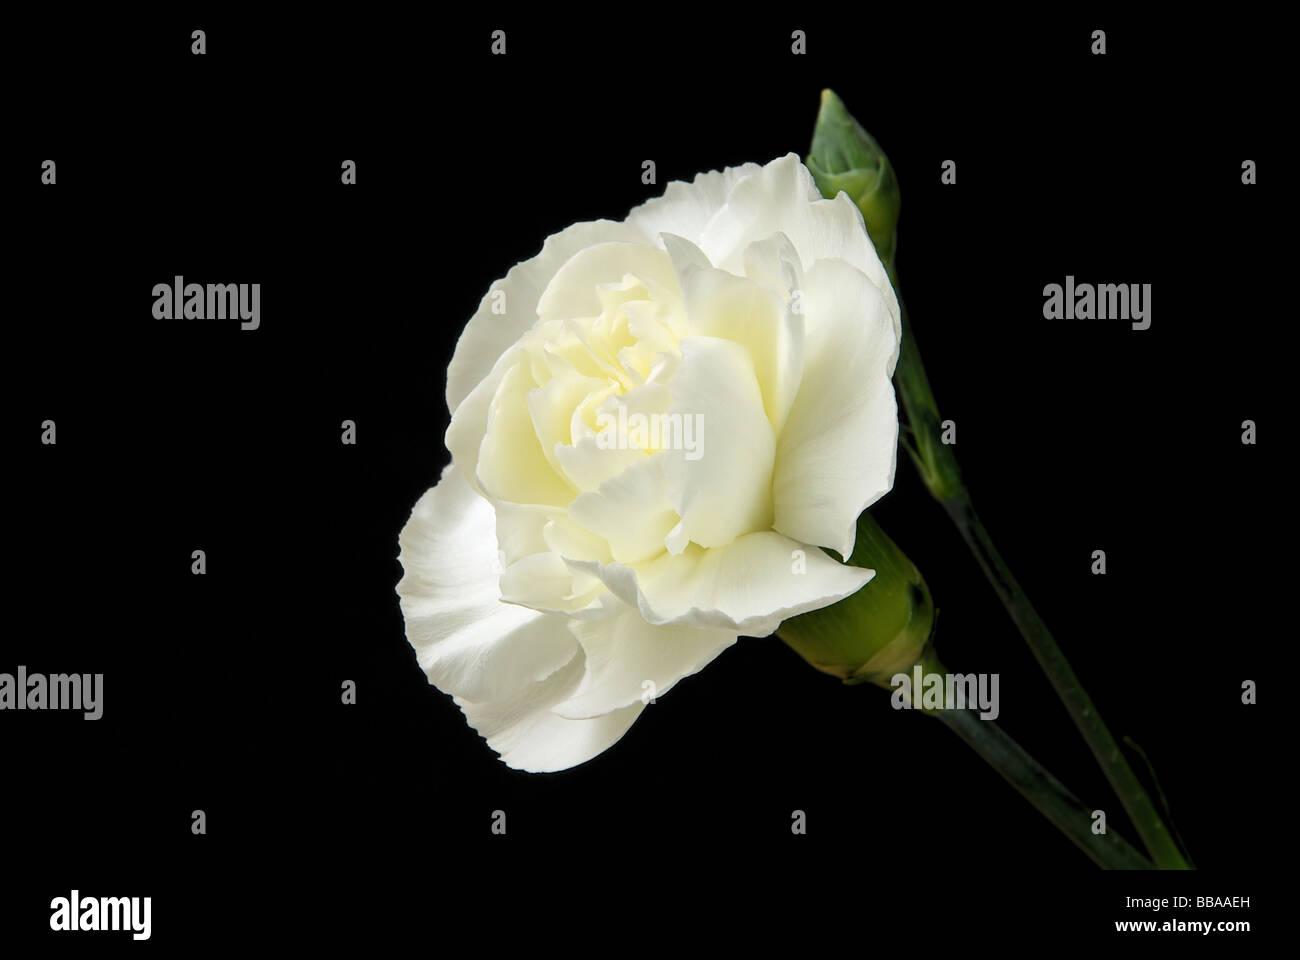 Nelke carnation 04 - Stock Image